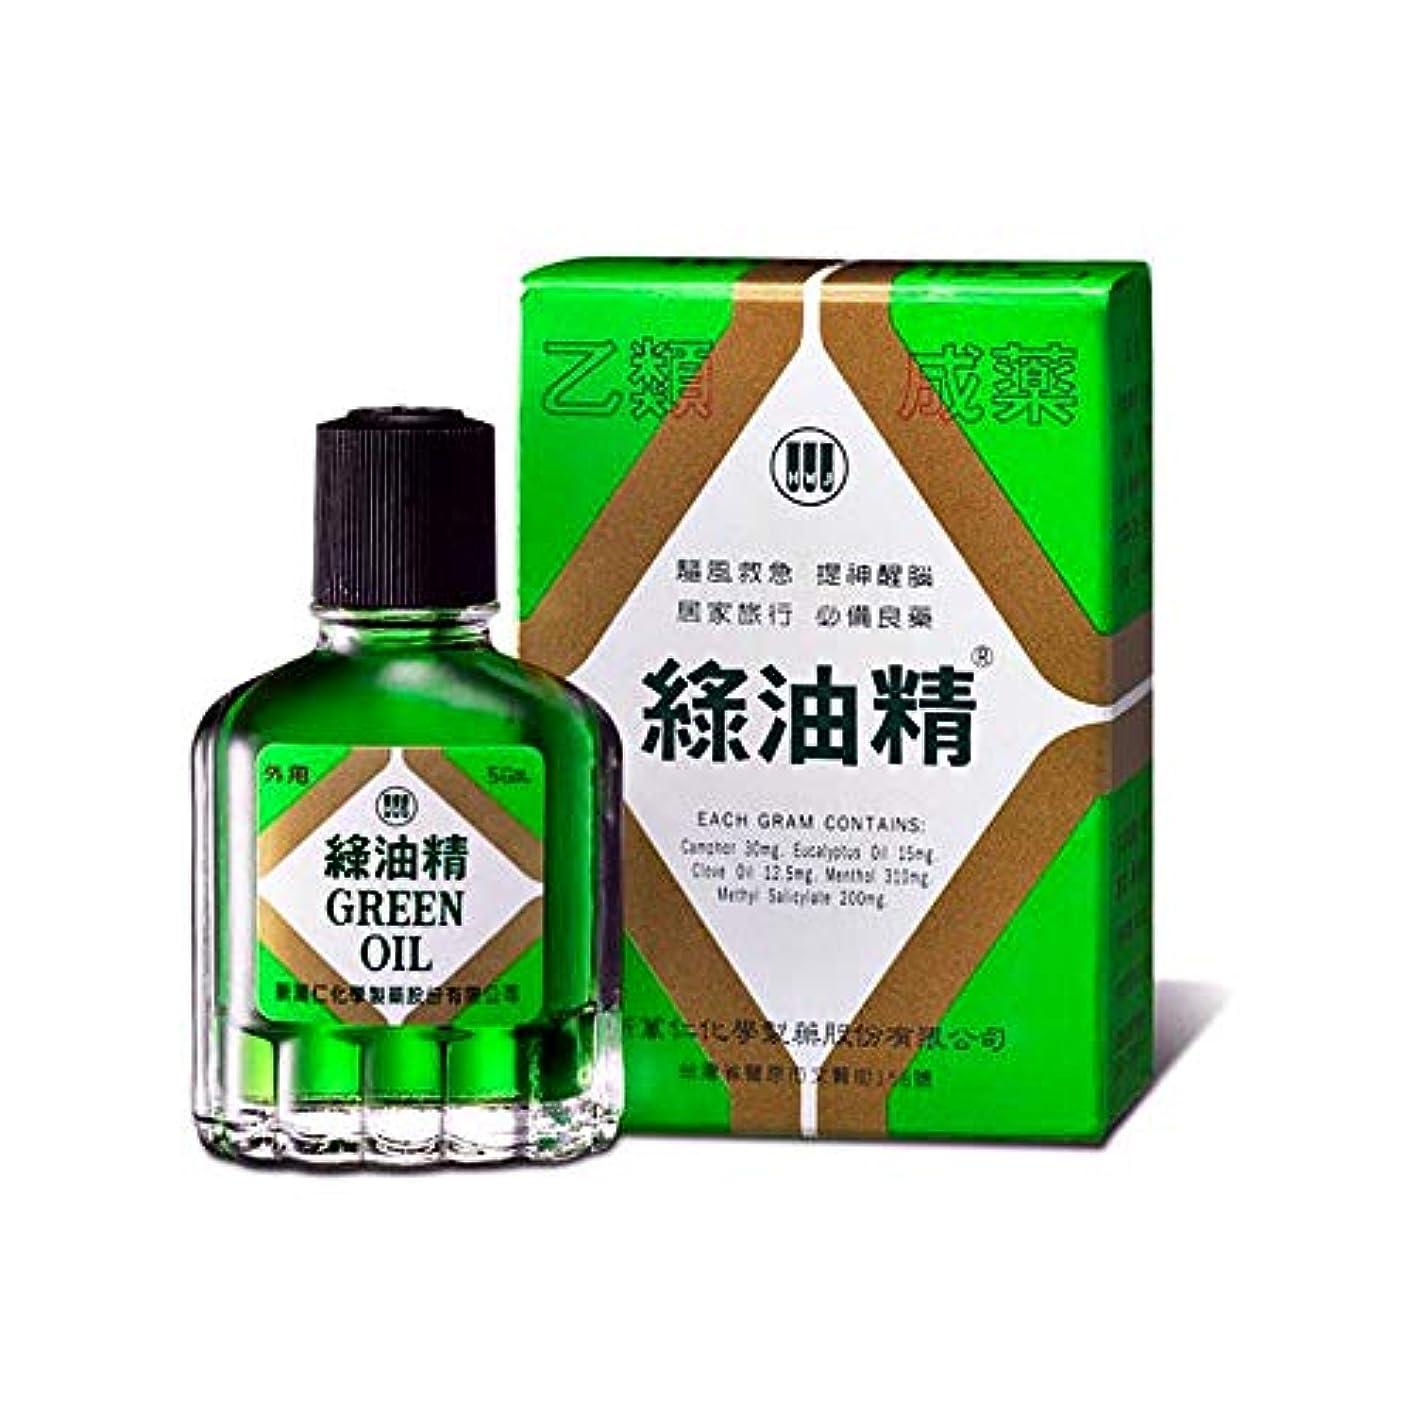 幅外側失望させる《新萬仁》台湾の万能グリーンオイル 緑油精 5g 《台湾 お土産》 [並行輸入品]